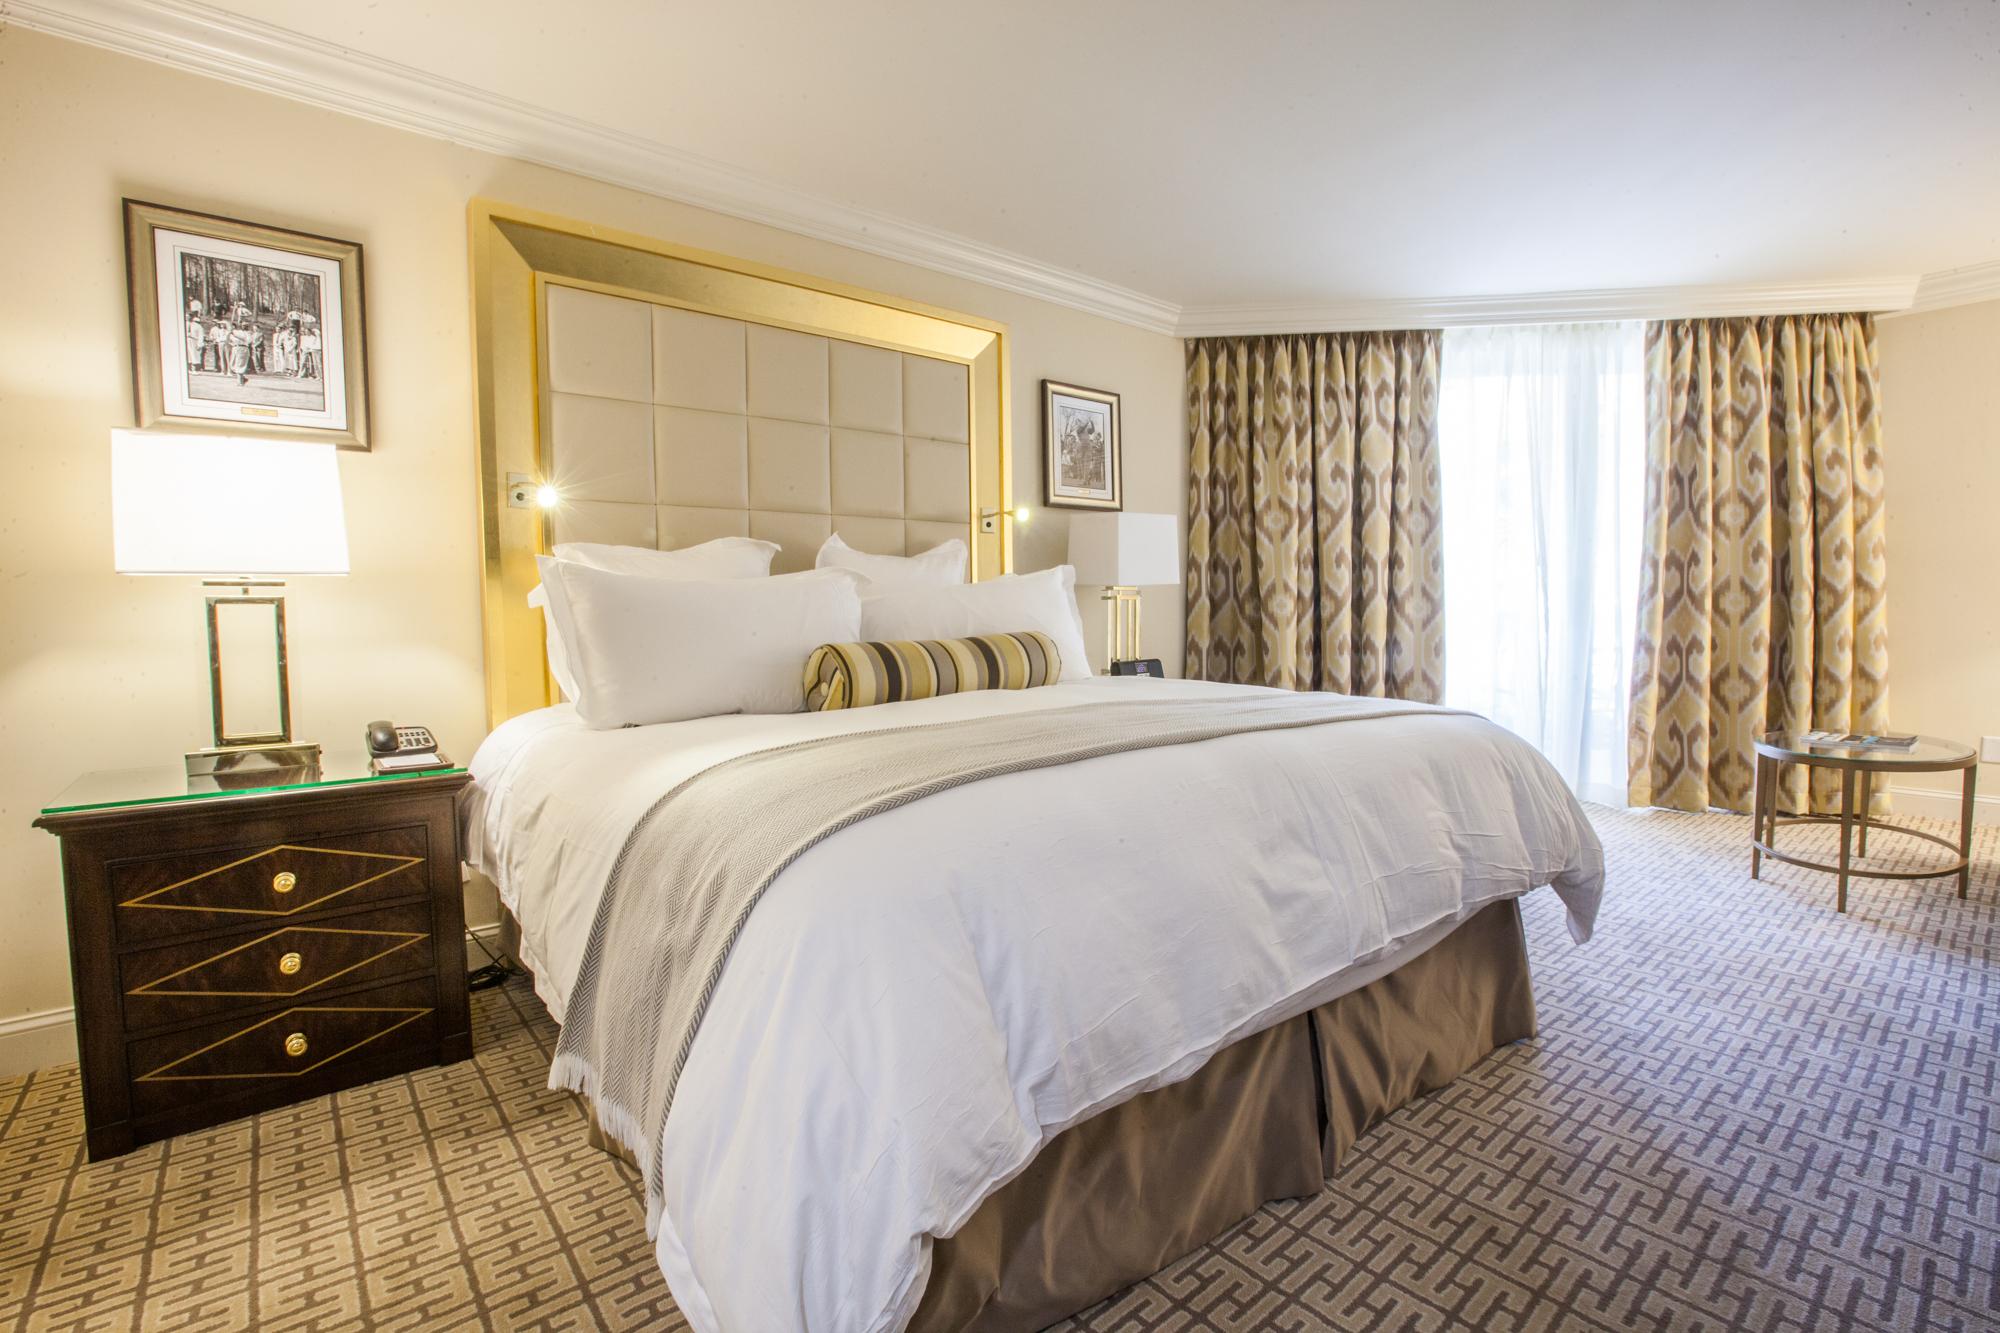 Hotel Flooring Installation | Trump Resort FL